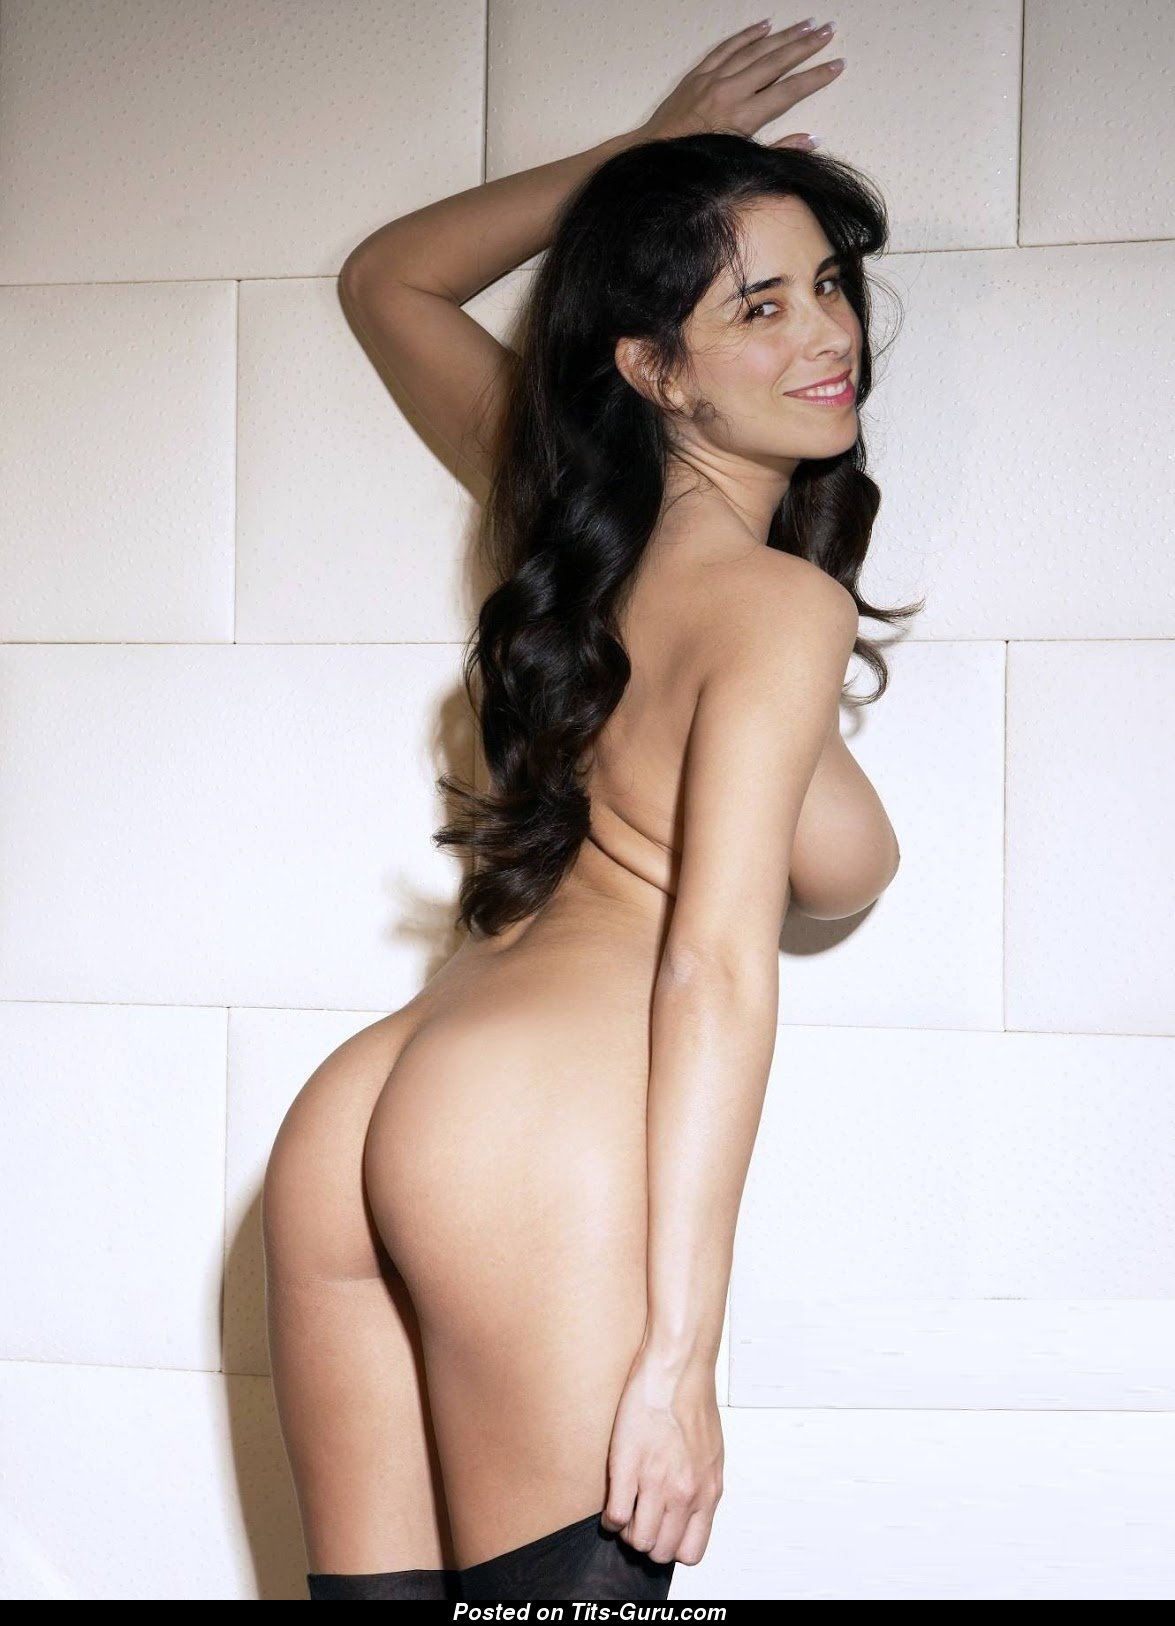 daphne rosen boobs nude